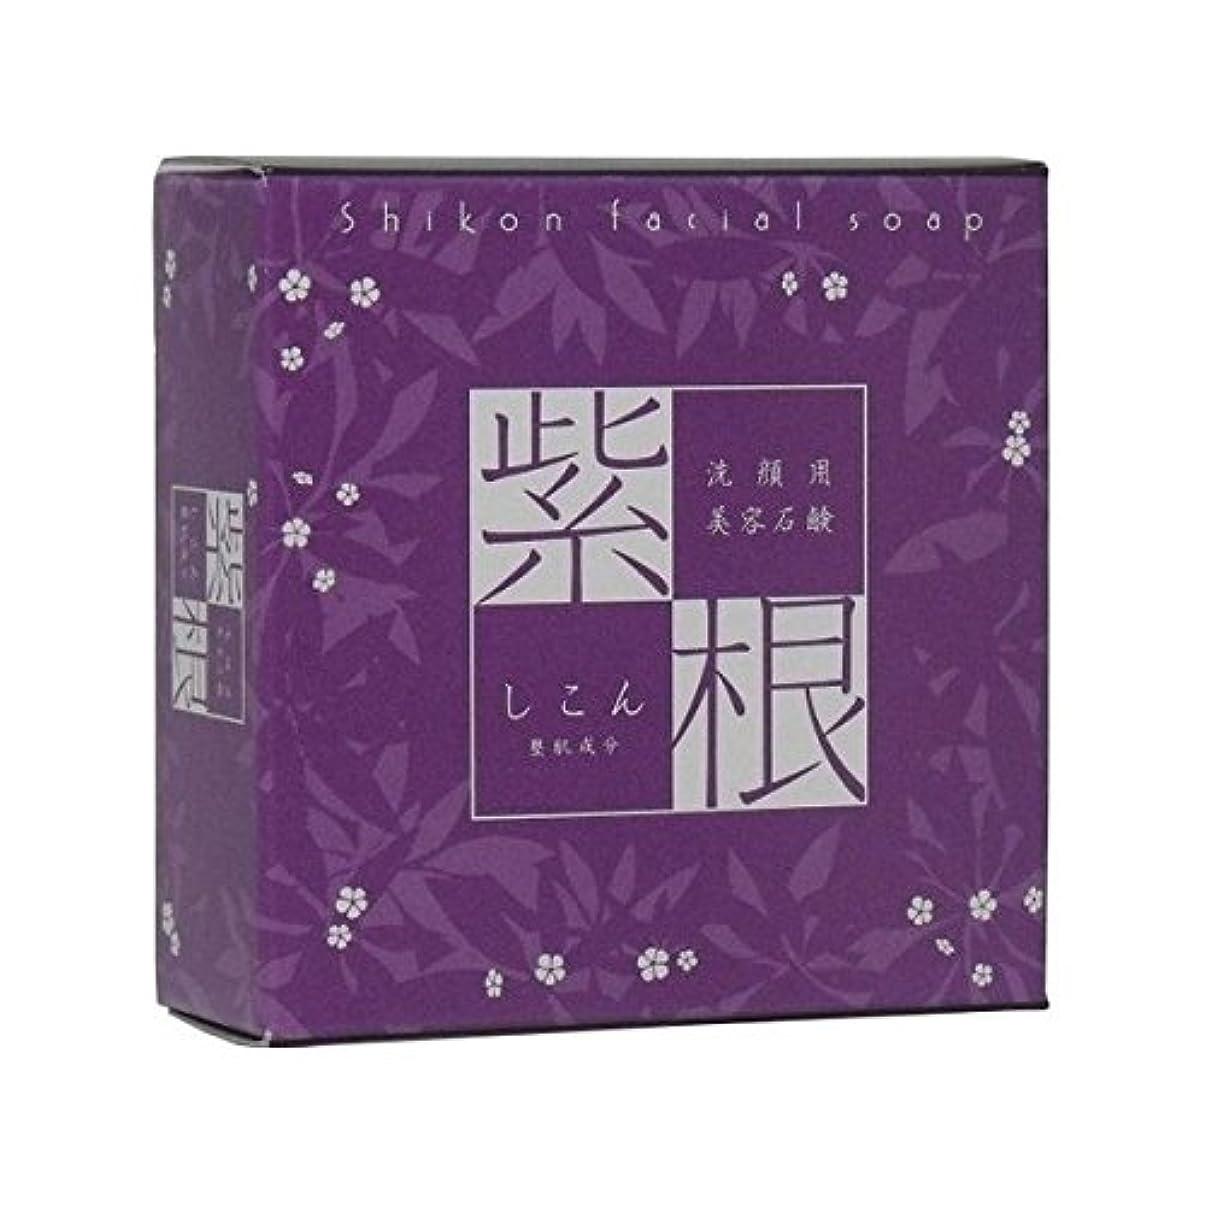 家事マージン先史時代の紫根石鹸110g(オリジナル泡立てネット付き)3個セット【魔女たちの22時で話題!】